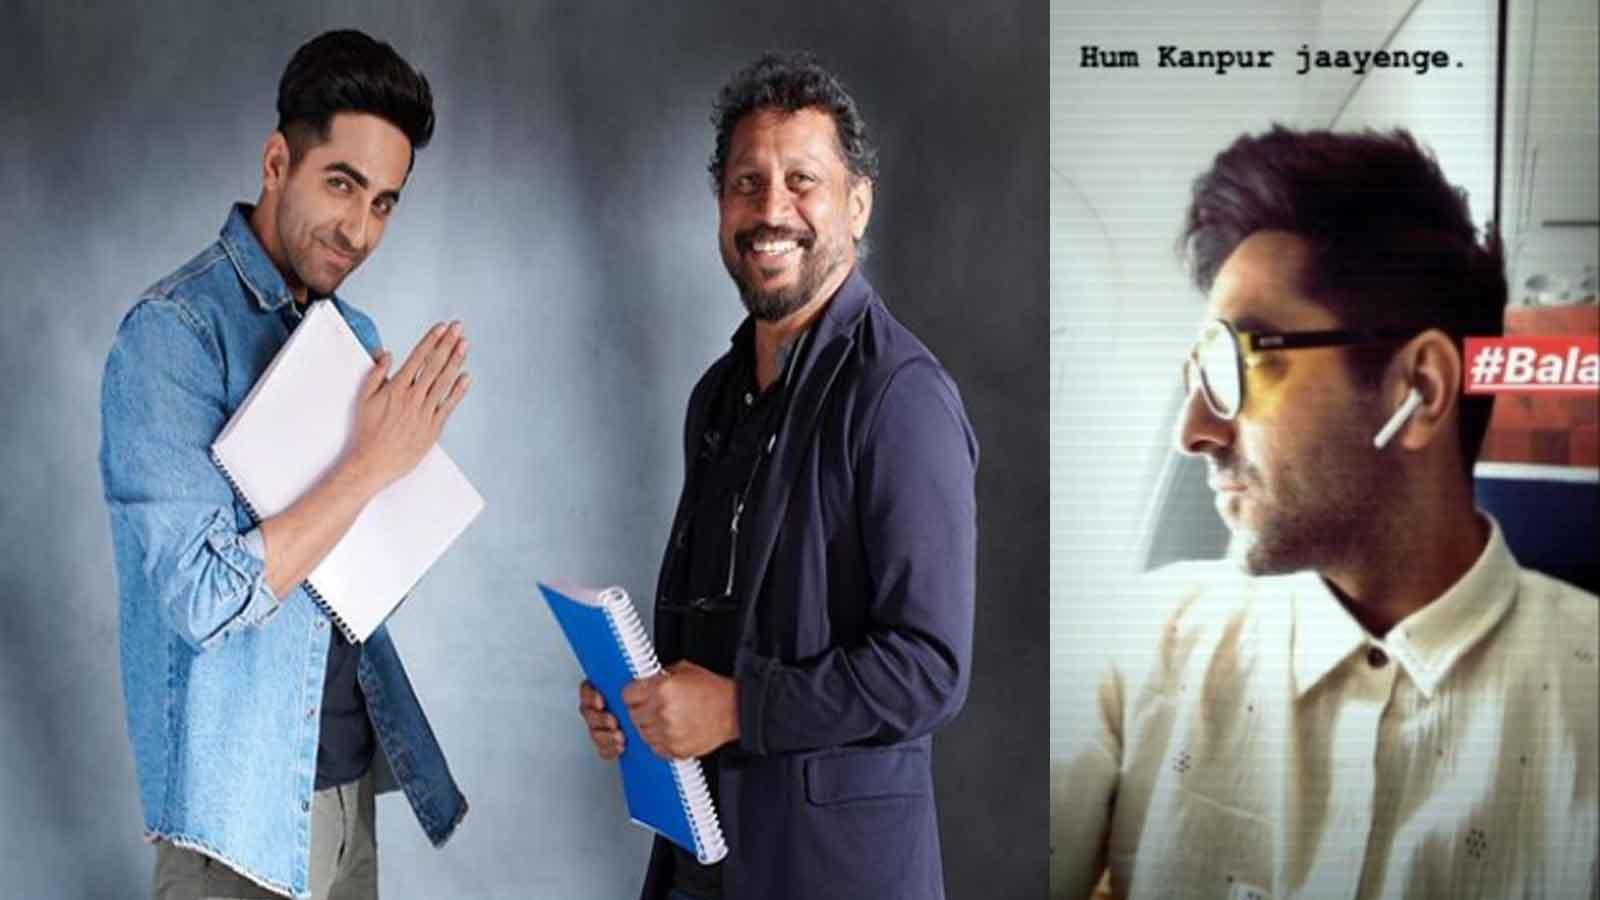 Ayushmann Khurrana starts shooting for 'Bala' in Kanpur